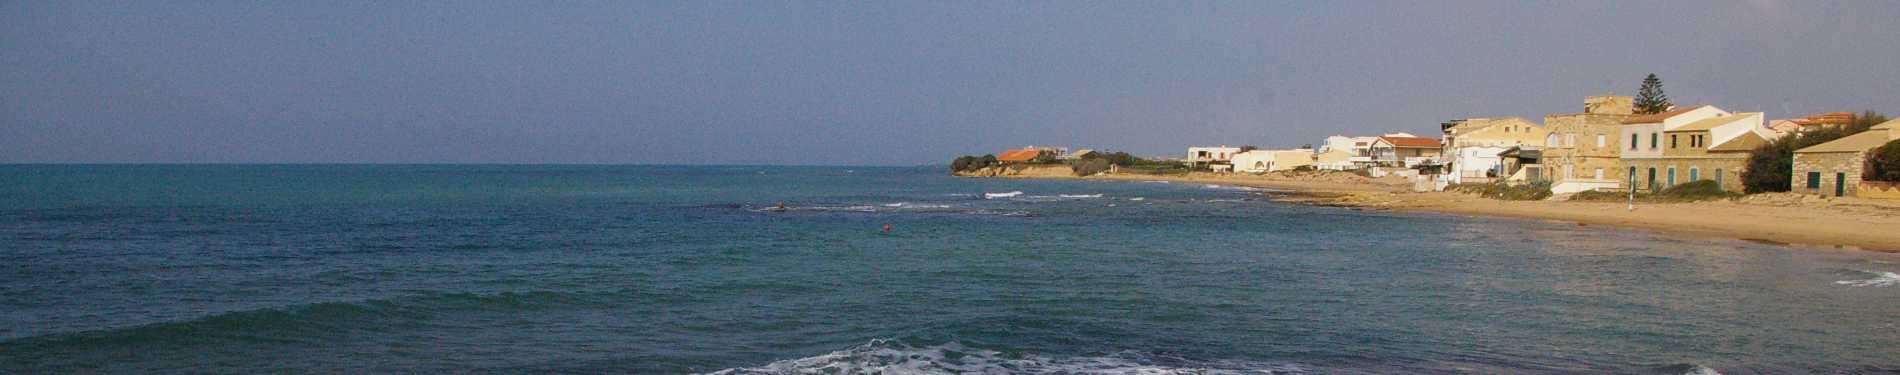 Punta Secca - Casa di Montalbano